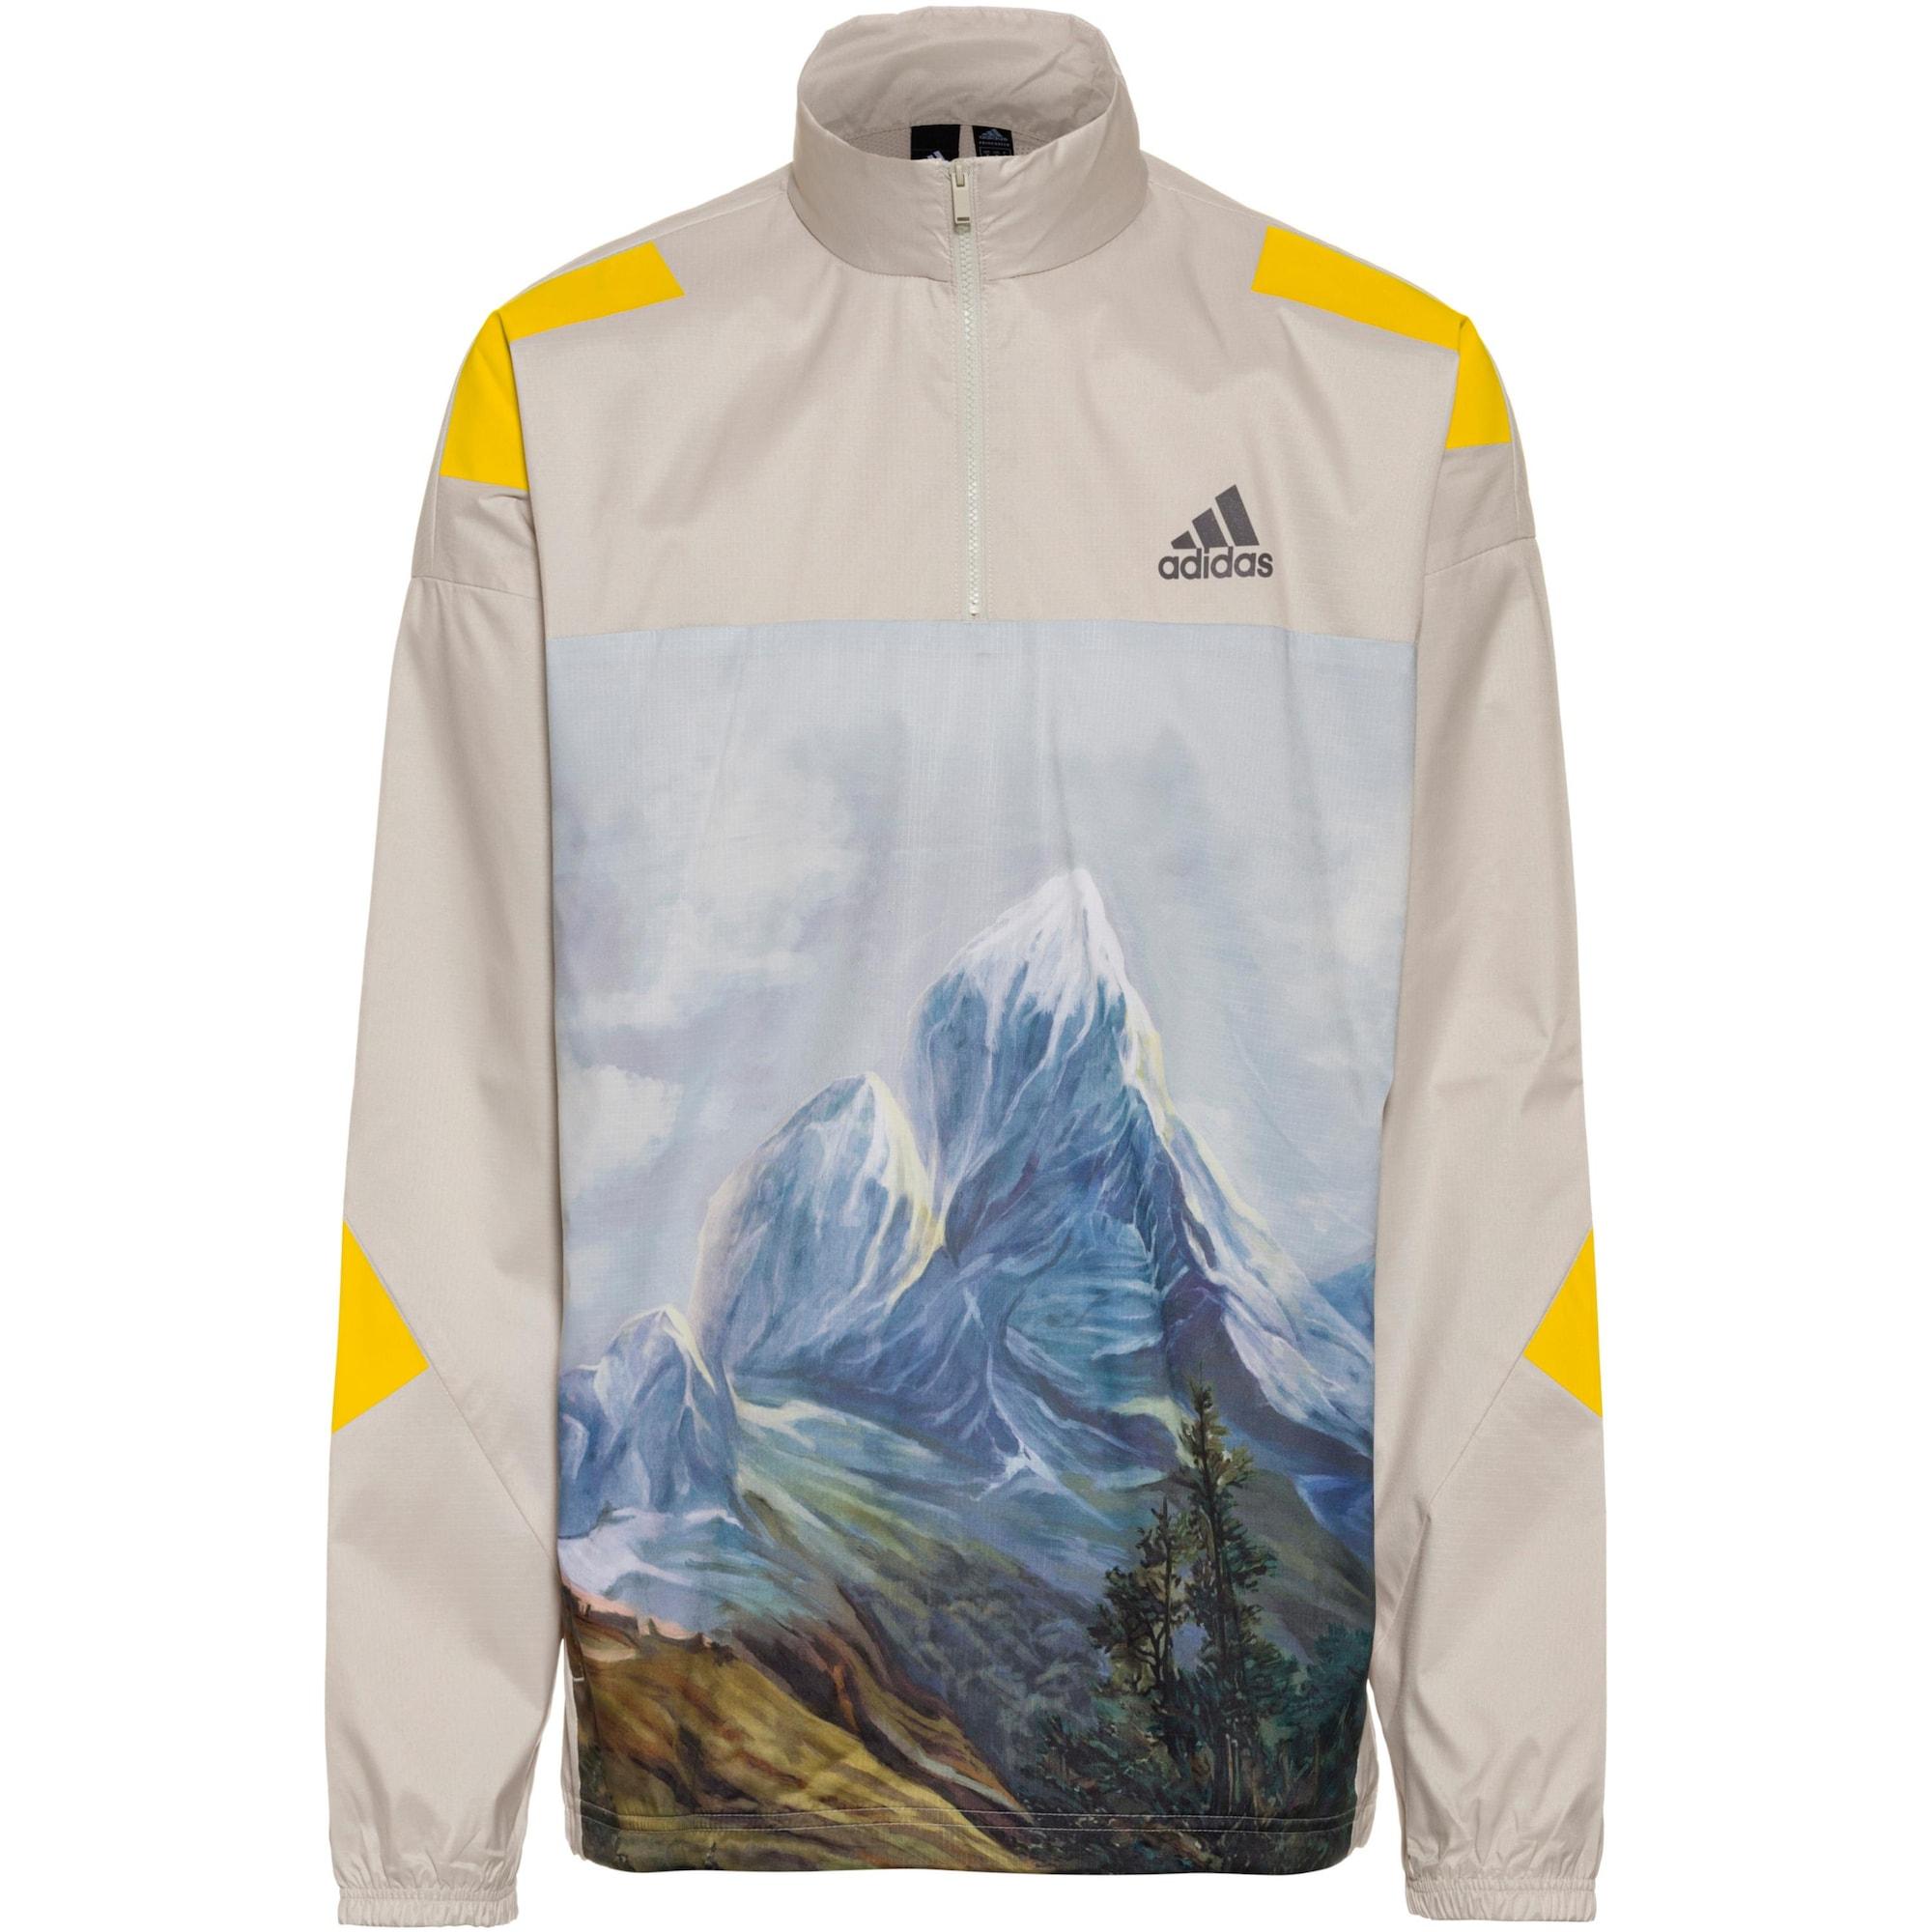 ADIDAS PERFORMANCE Sportovní mikina 'Mountain Graphic'  bílá / žlutá / modrá / zelená / hnědá